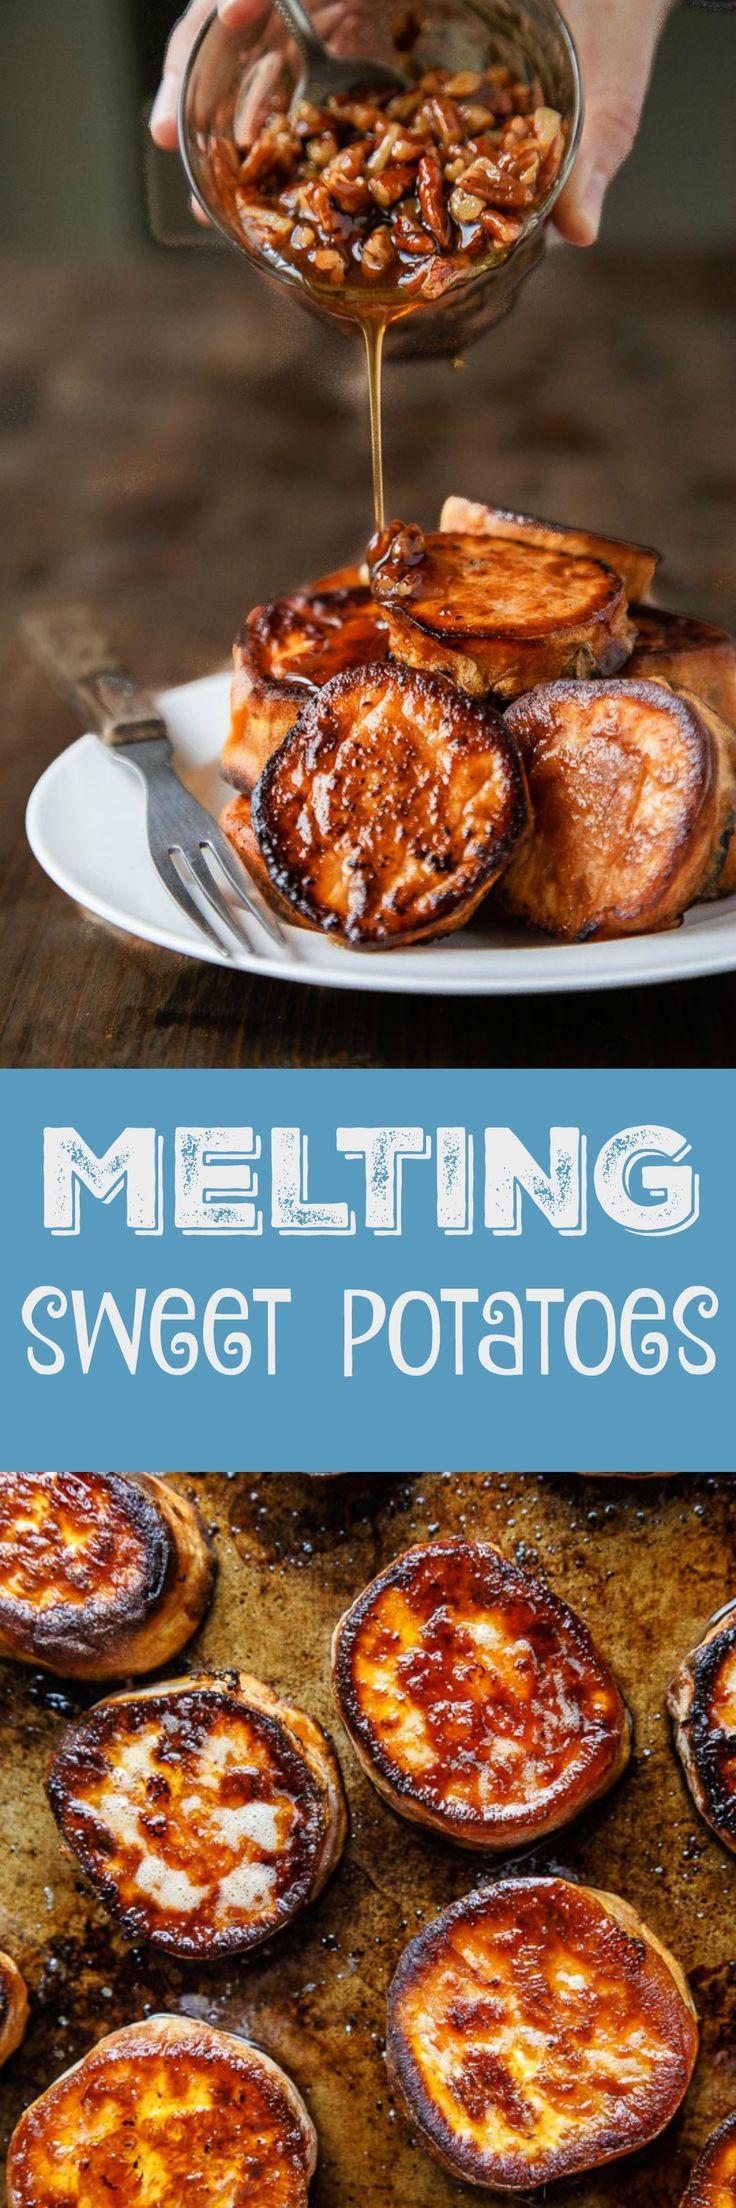 Les 17 meilleures images du tableau Sweet potatoes sur Pinterest ...